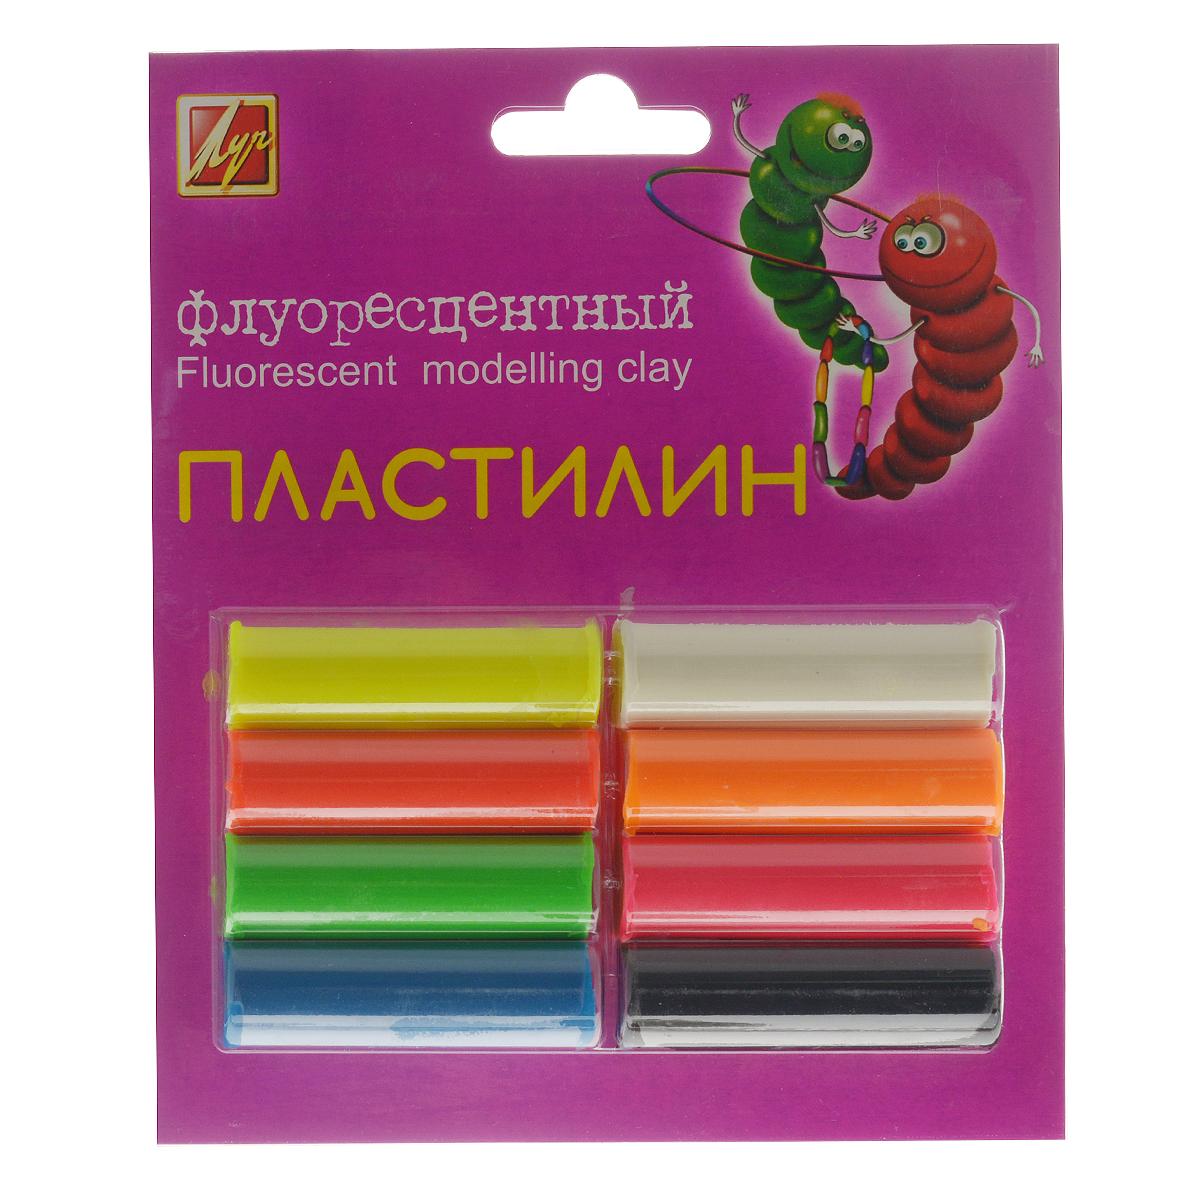 Пластилин Луч, флуоресцентный, 8 цветов12С 765-08Цветной флуоресцентный пластилин Луч, предназначенный для лепки и моделирования, поможет ребенку развить творческие способности, воображение и мелкую моторику рук. Пластилин обладает отличными пластичными свойствами, быстро размягчается, хорошо держит форму и не липнет к рукам. Пластилин нетоксичен, безопасен для здоровья. В наборе пластилин со флуоресцентным эффектом восьми насыщенных цветов: белого, красного, черного, зеленого, синего, желтого, оранжевого и розового.